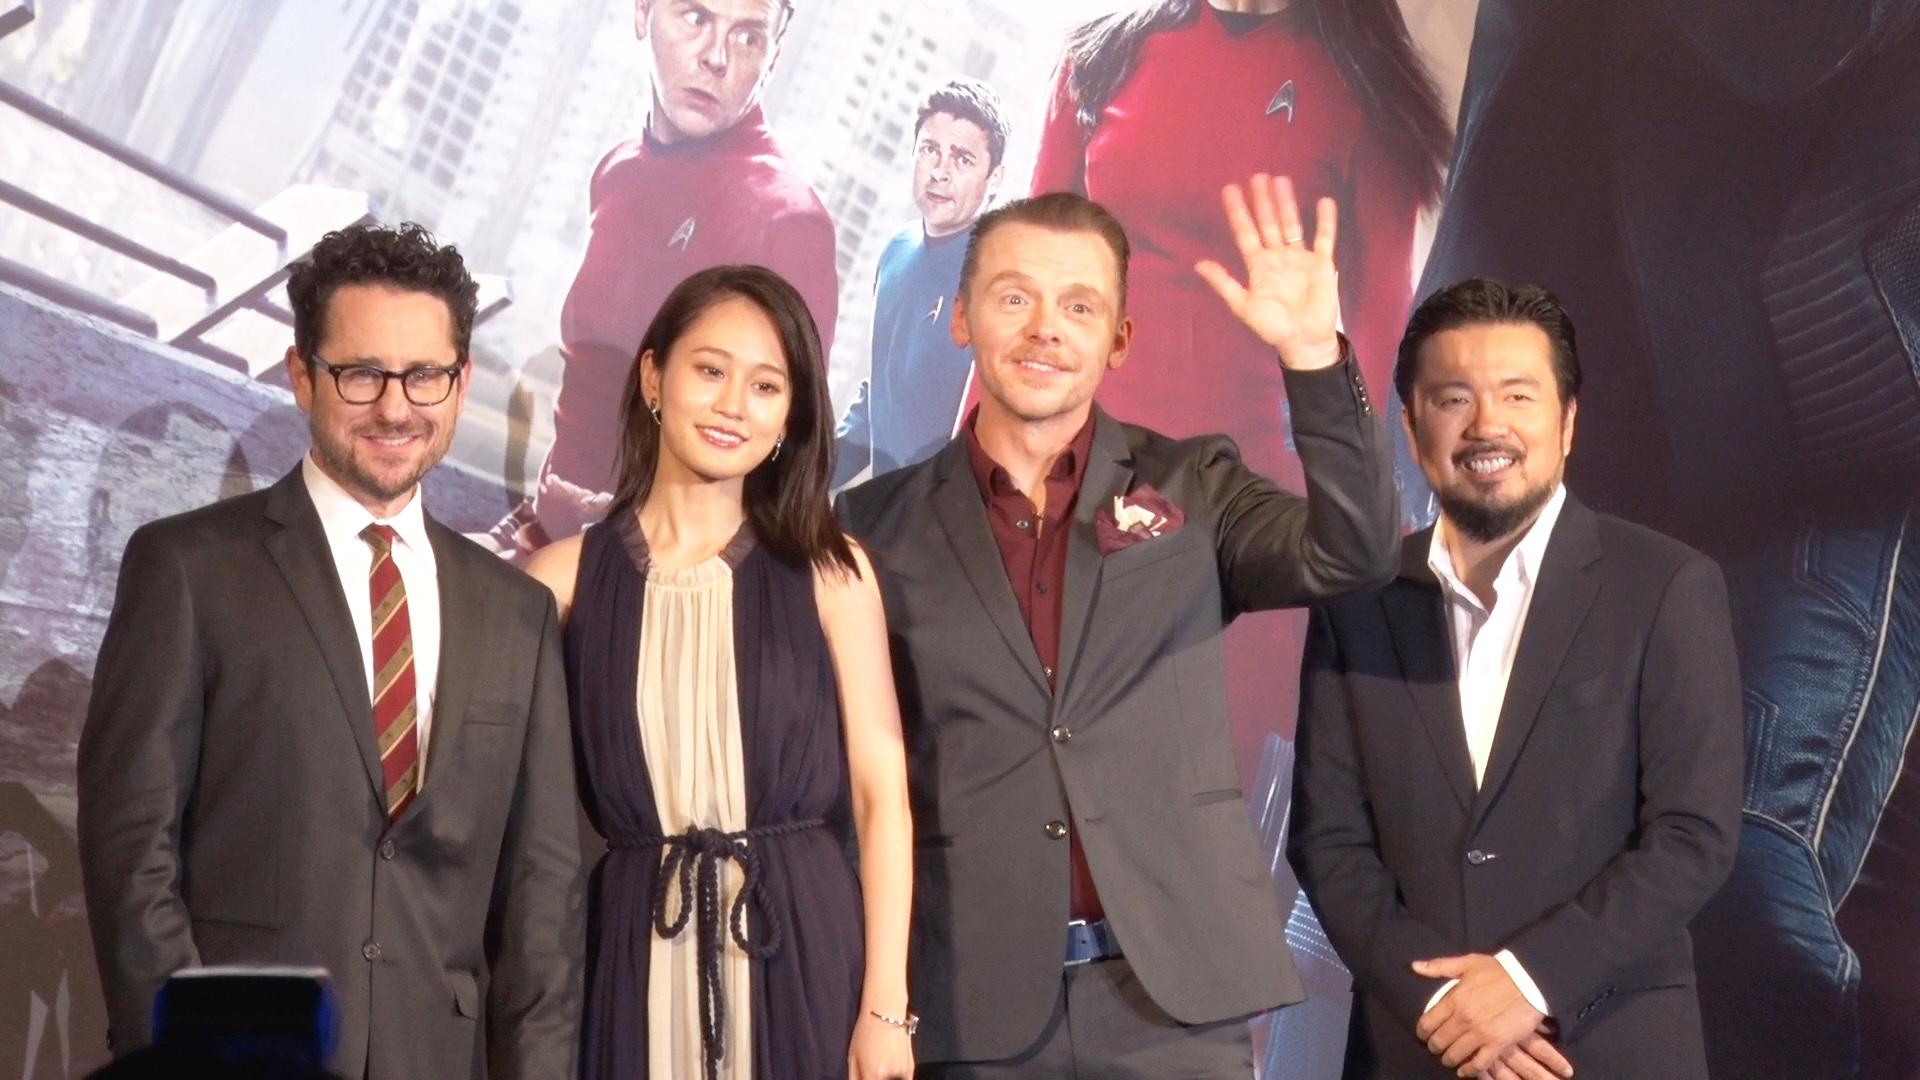 左から、J.Jエイブラムスプロデューサー、前田敦子(『スタートレック』50周年記念アンバサダー)、サイモン・ペッグ、ジャスティン・リン監督